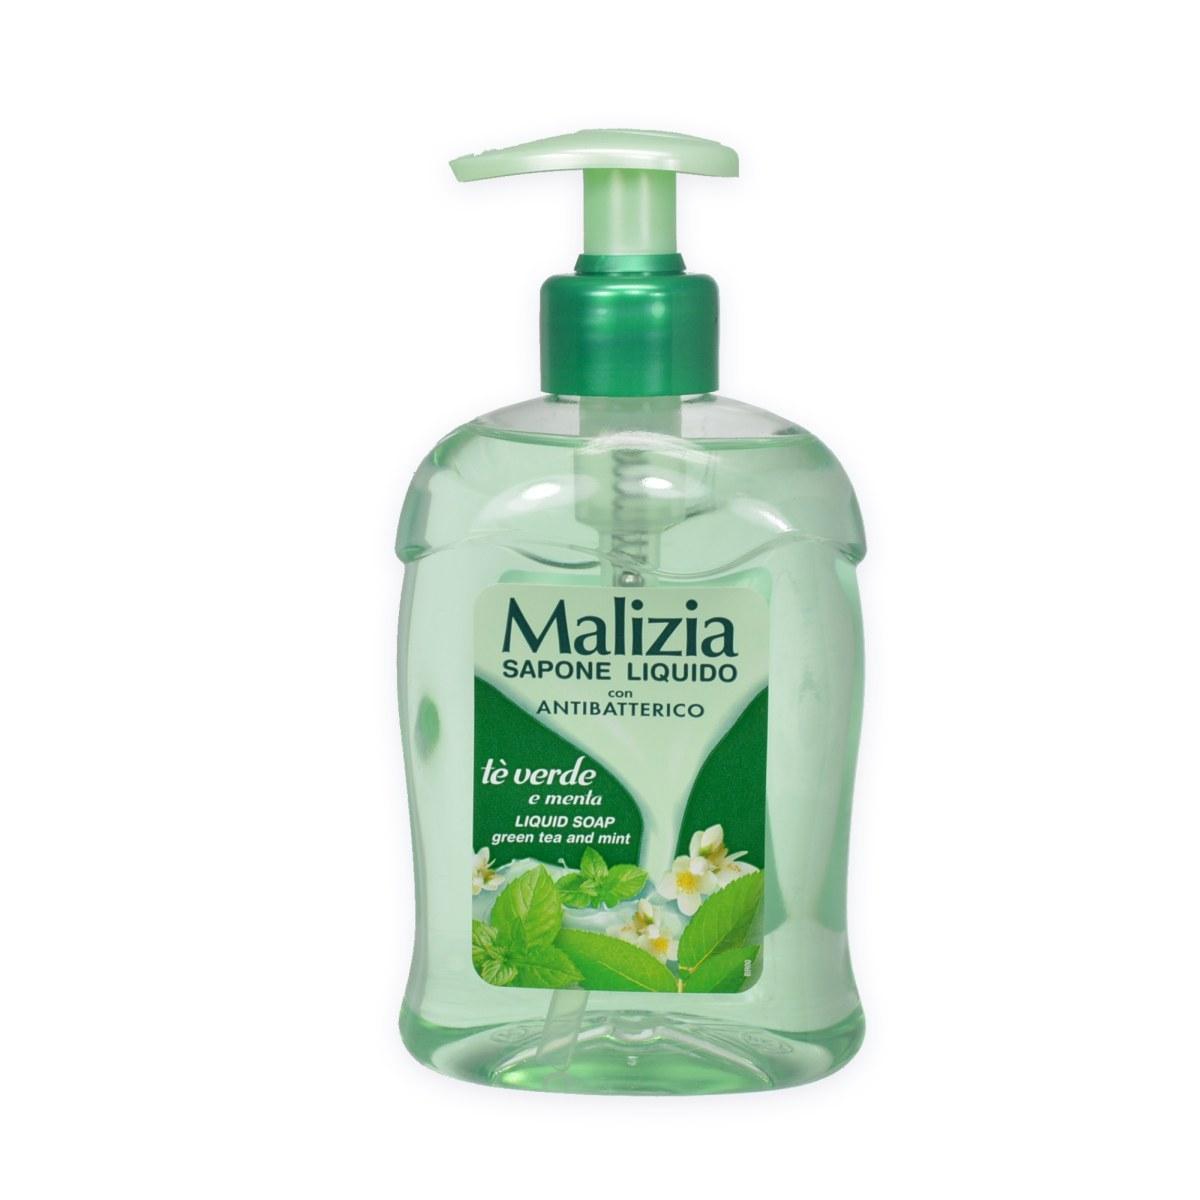 Antibatterico Igienizzante Sapone liquido Antibatterico Malizia